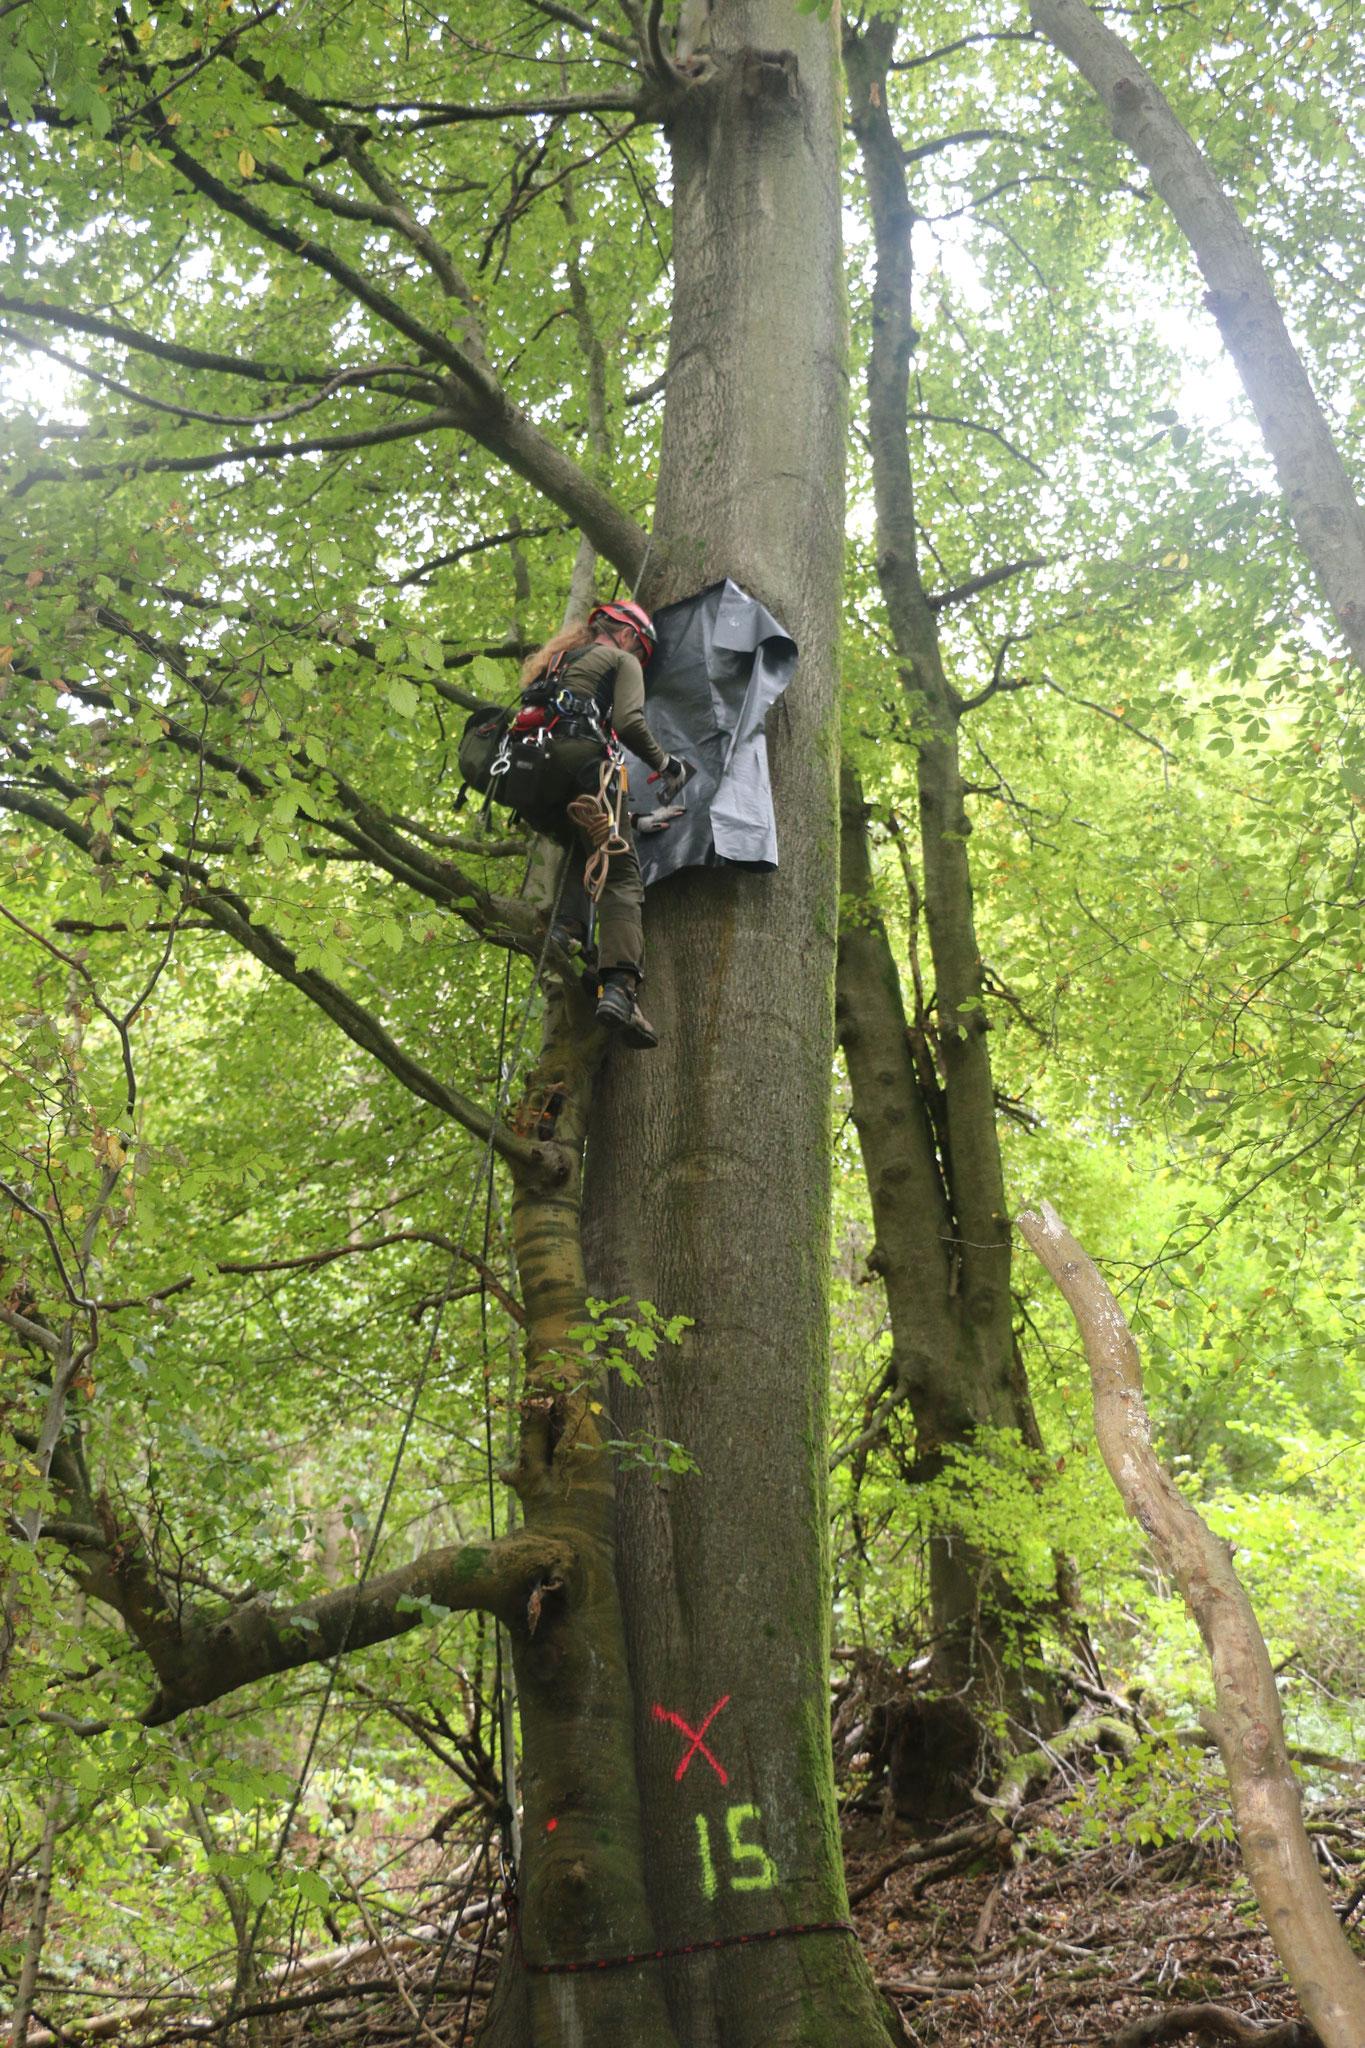 Verschließen einer großen Baumhöhle